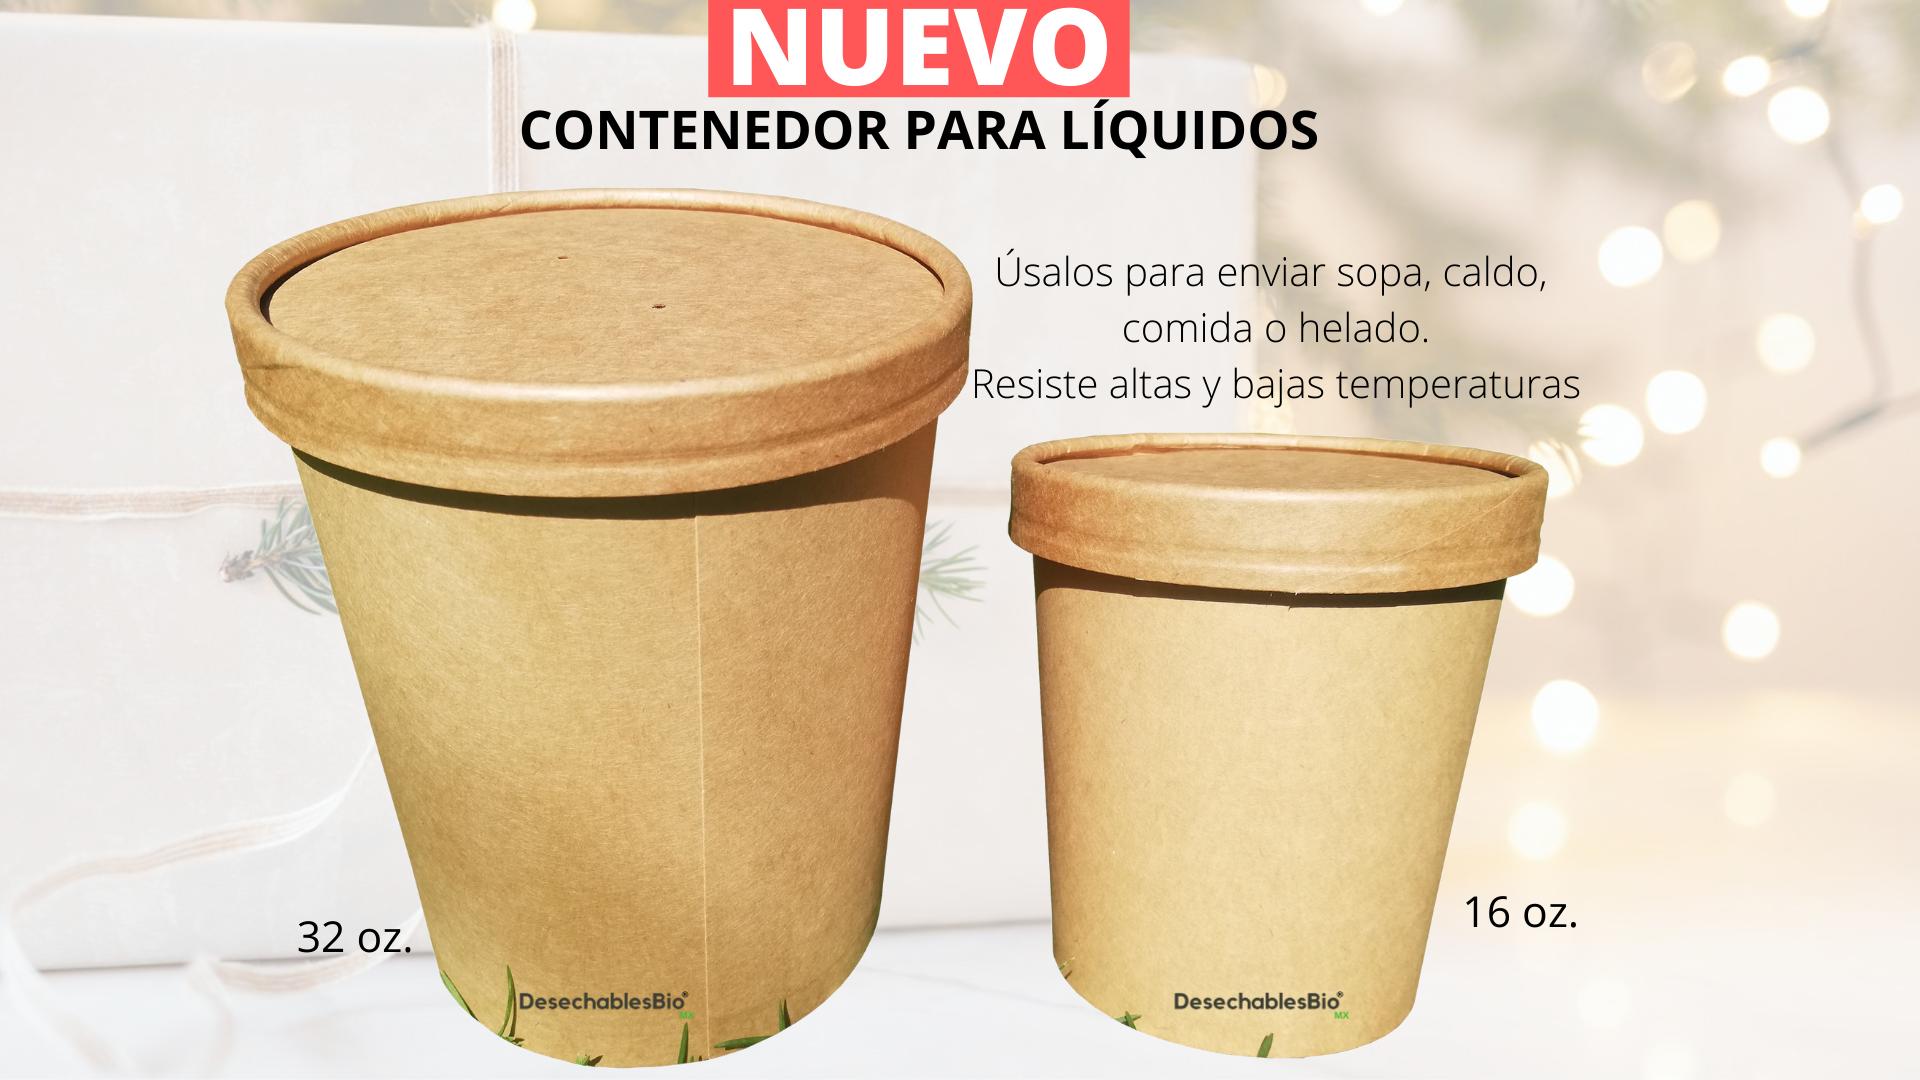 Desechables Bio México | Desechables Biodegradables 100% 28